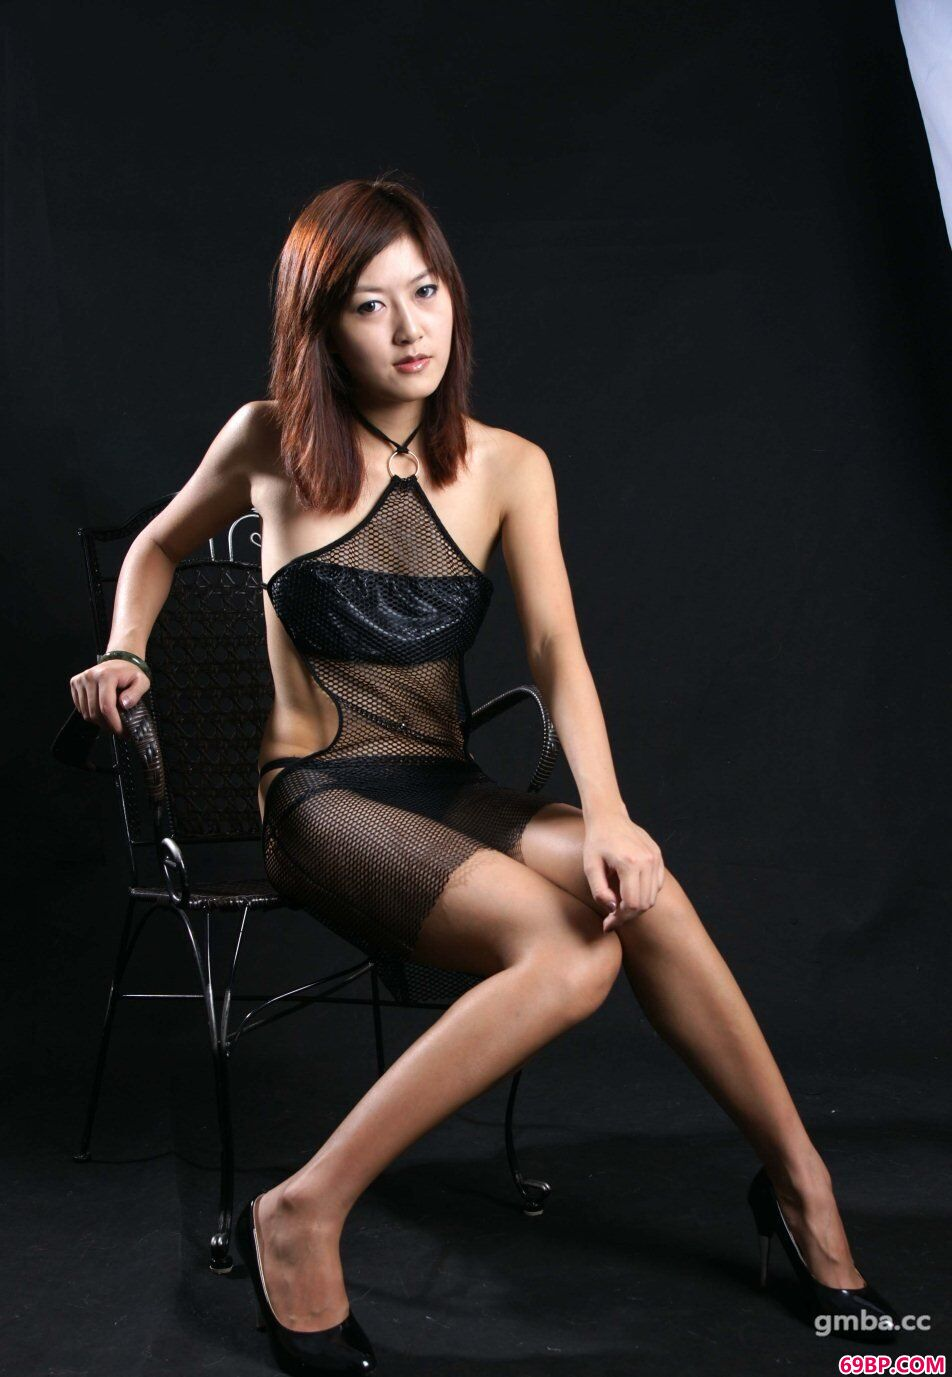 gogo人体艺术网_gogo嫩模晴黑丝艺术造型约拍人体写真